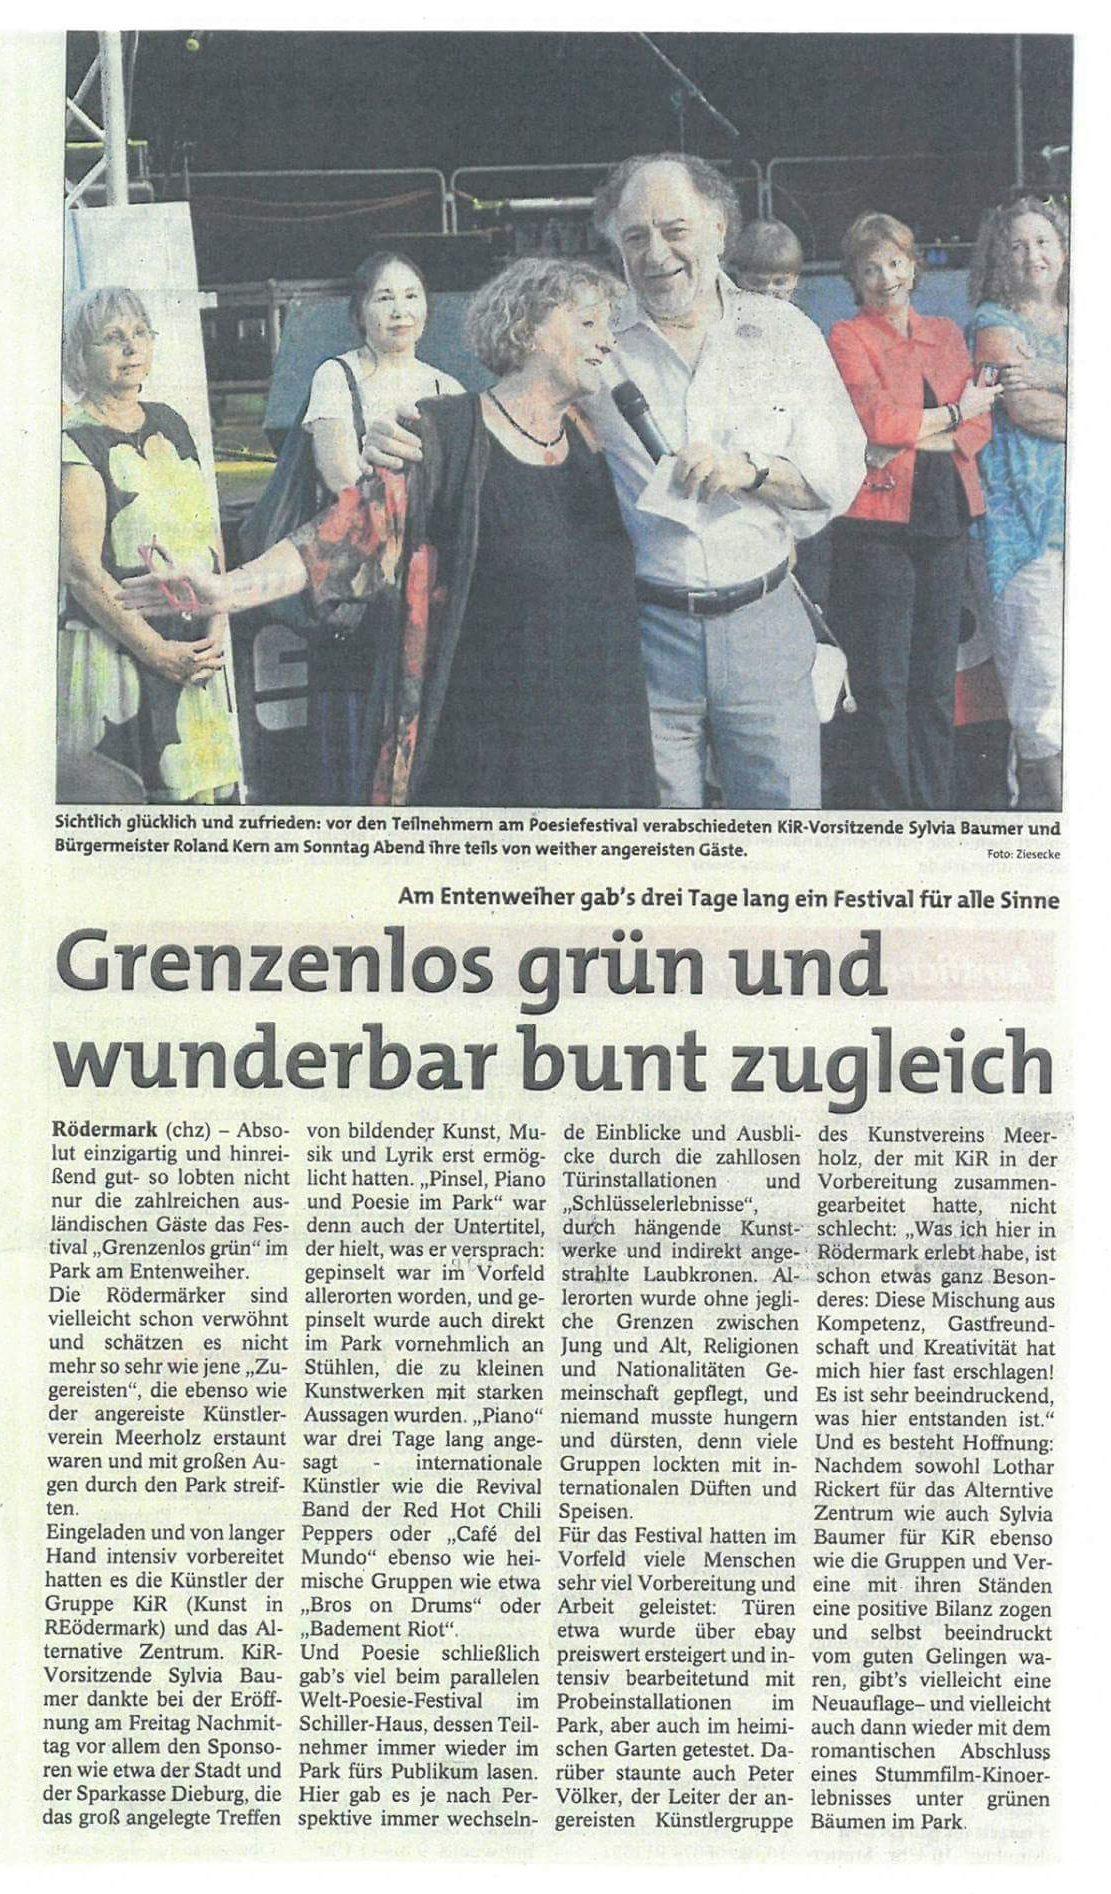 Recorte de prensa en Alemania sobre el Festival de Poesía, Música y Arte en Roedermark Park 2016